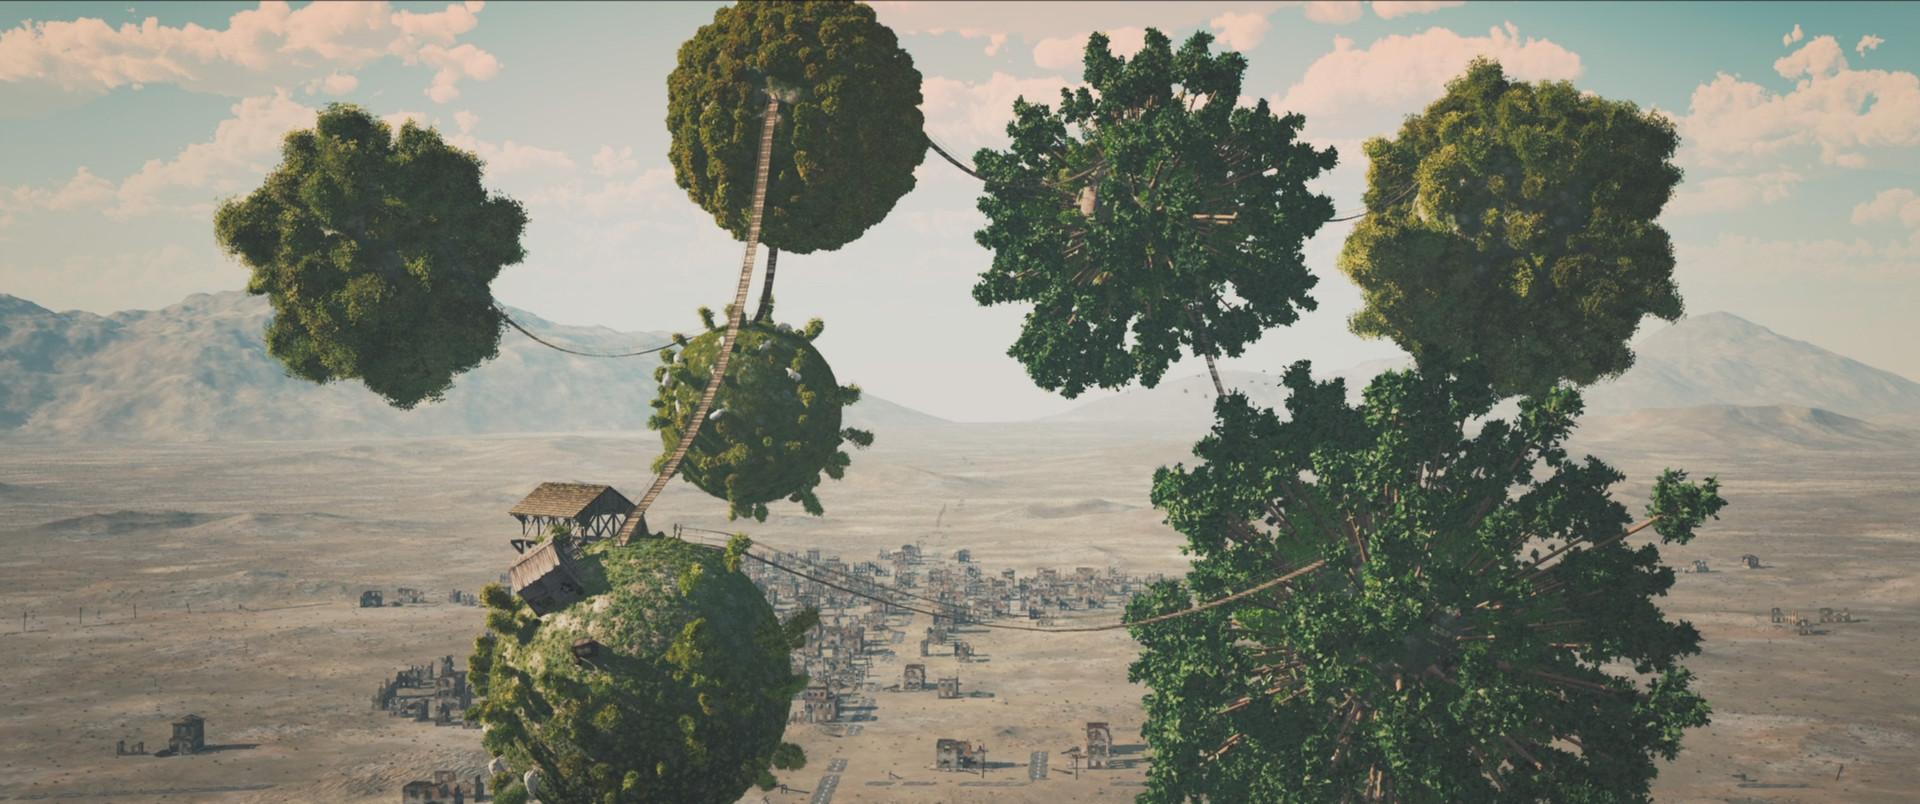 PP_Spheres.jpg